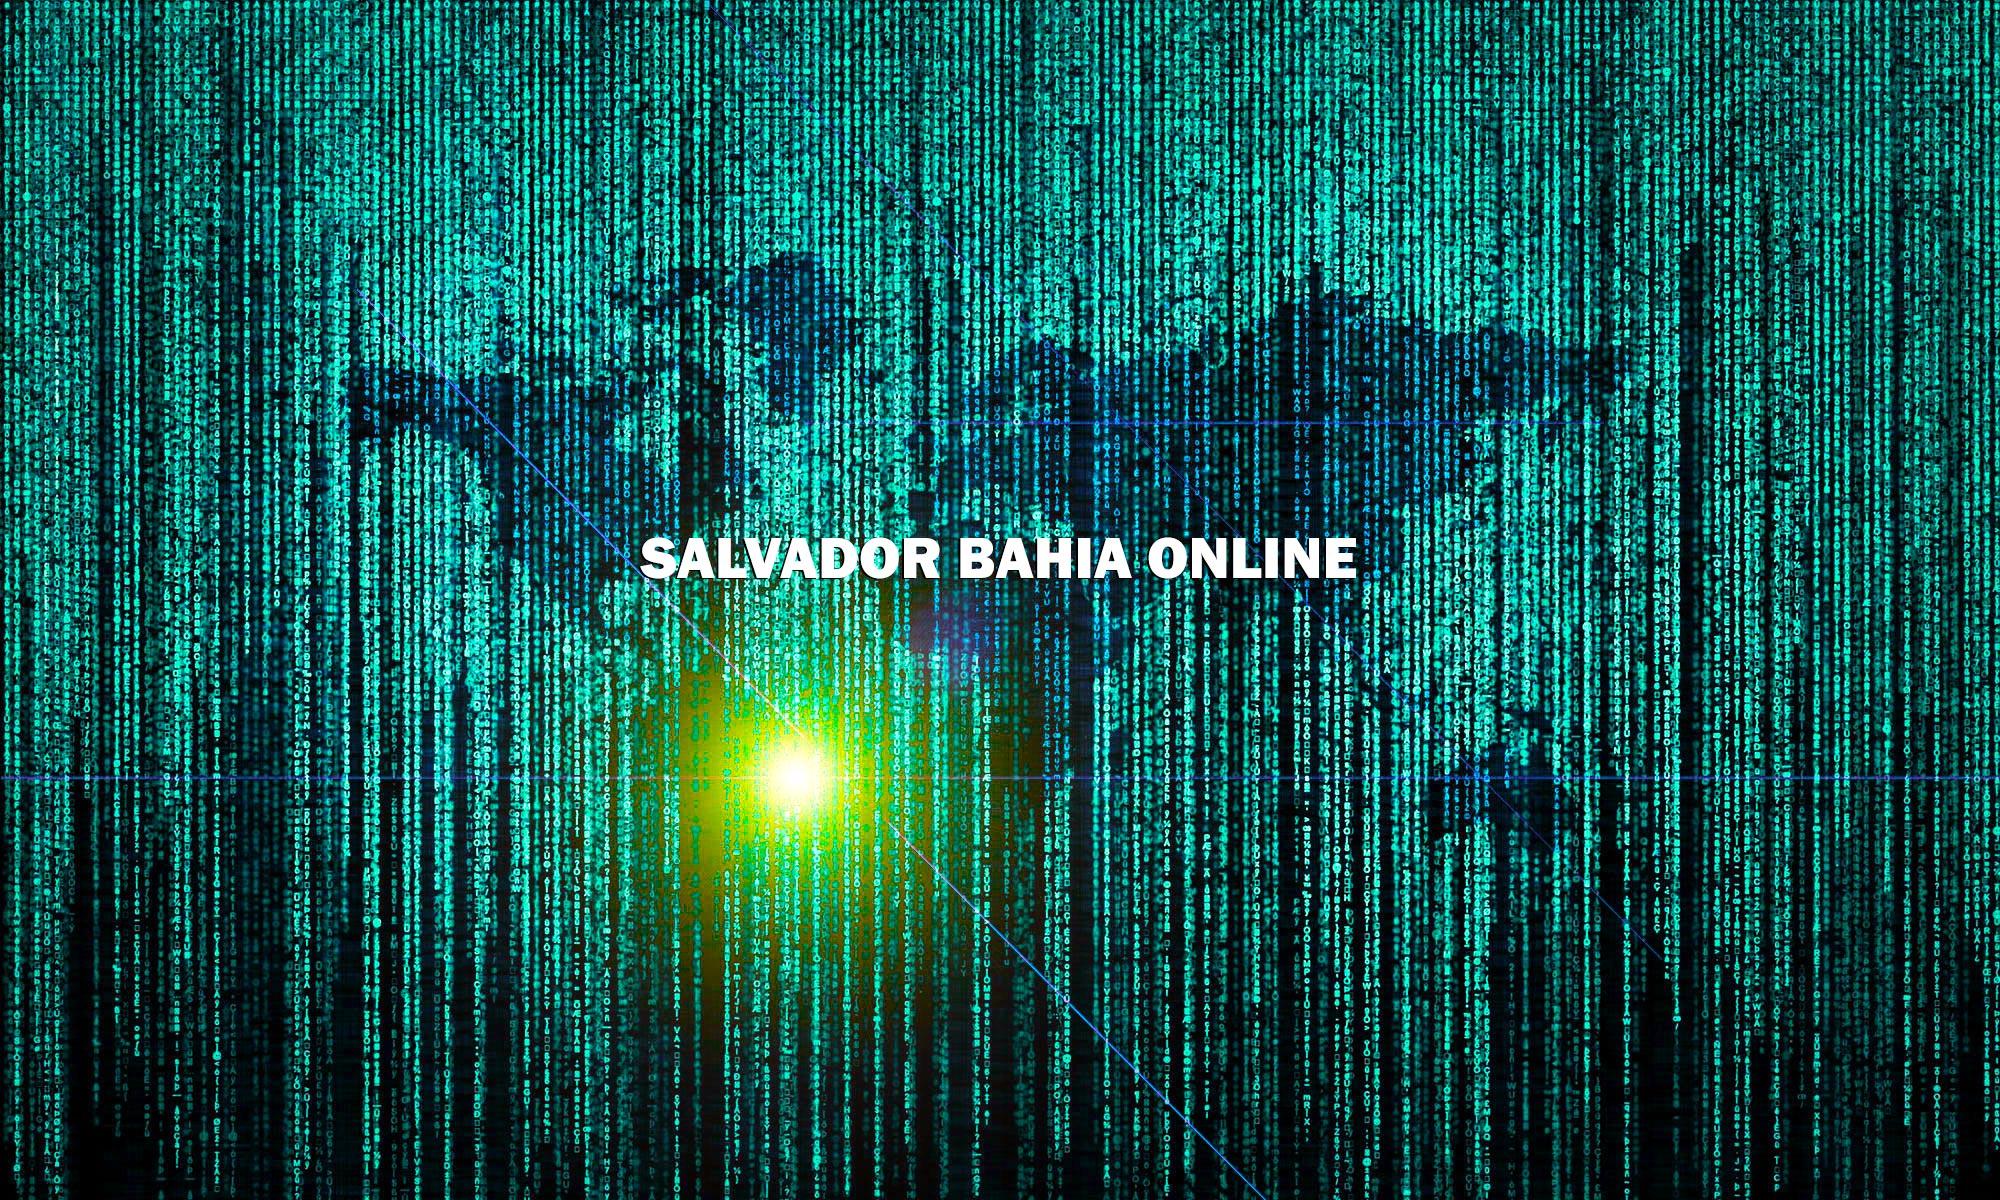 Salvador Bahia Online